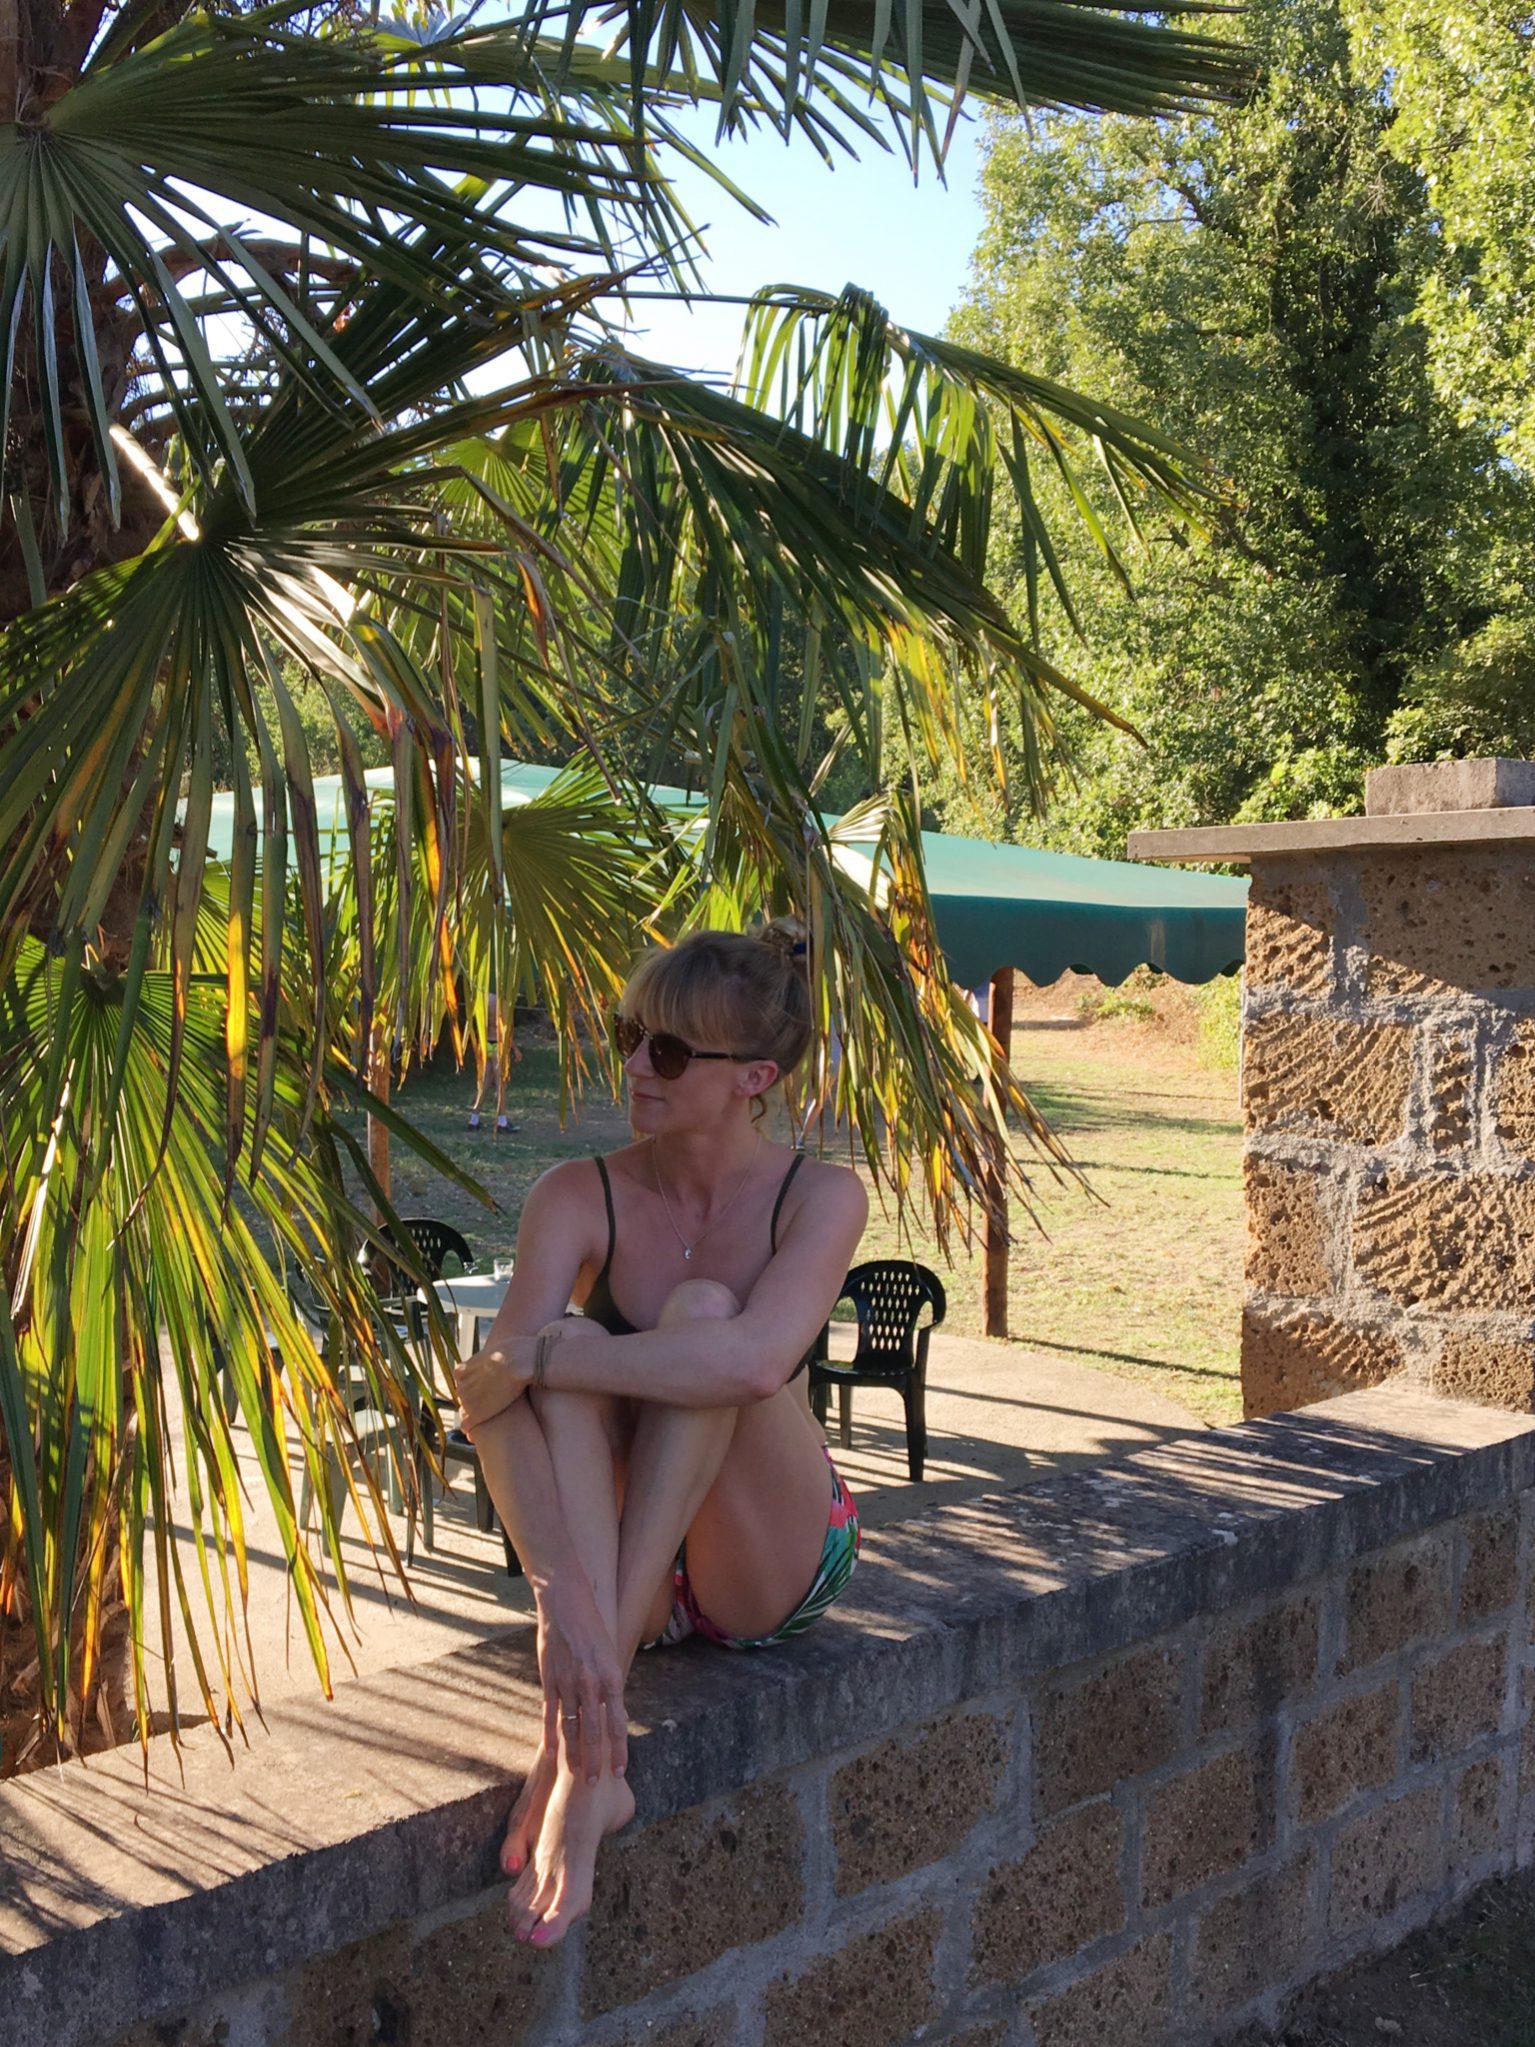 Urlaub auf der Burg, Wunder Reisen, Burgurlaub, Familienurlaub, Urlaub mit Kindern, Mamablog, Mamablogger, Mamainstyle